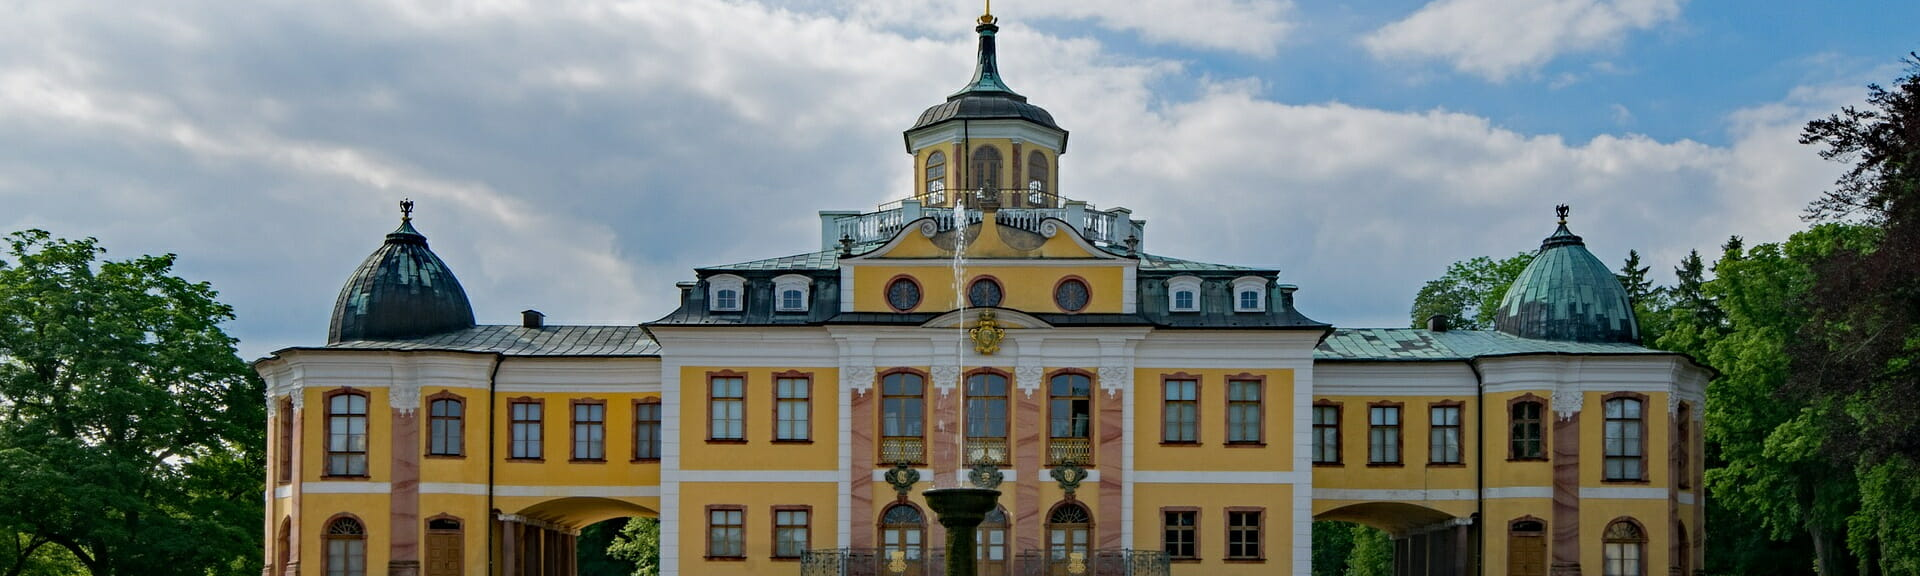 Klassenfahrt Weimar Schloss Belvedere